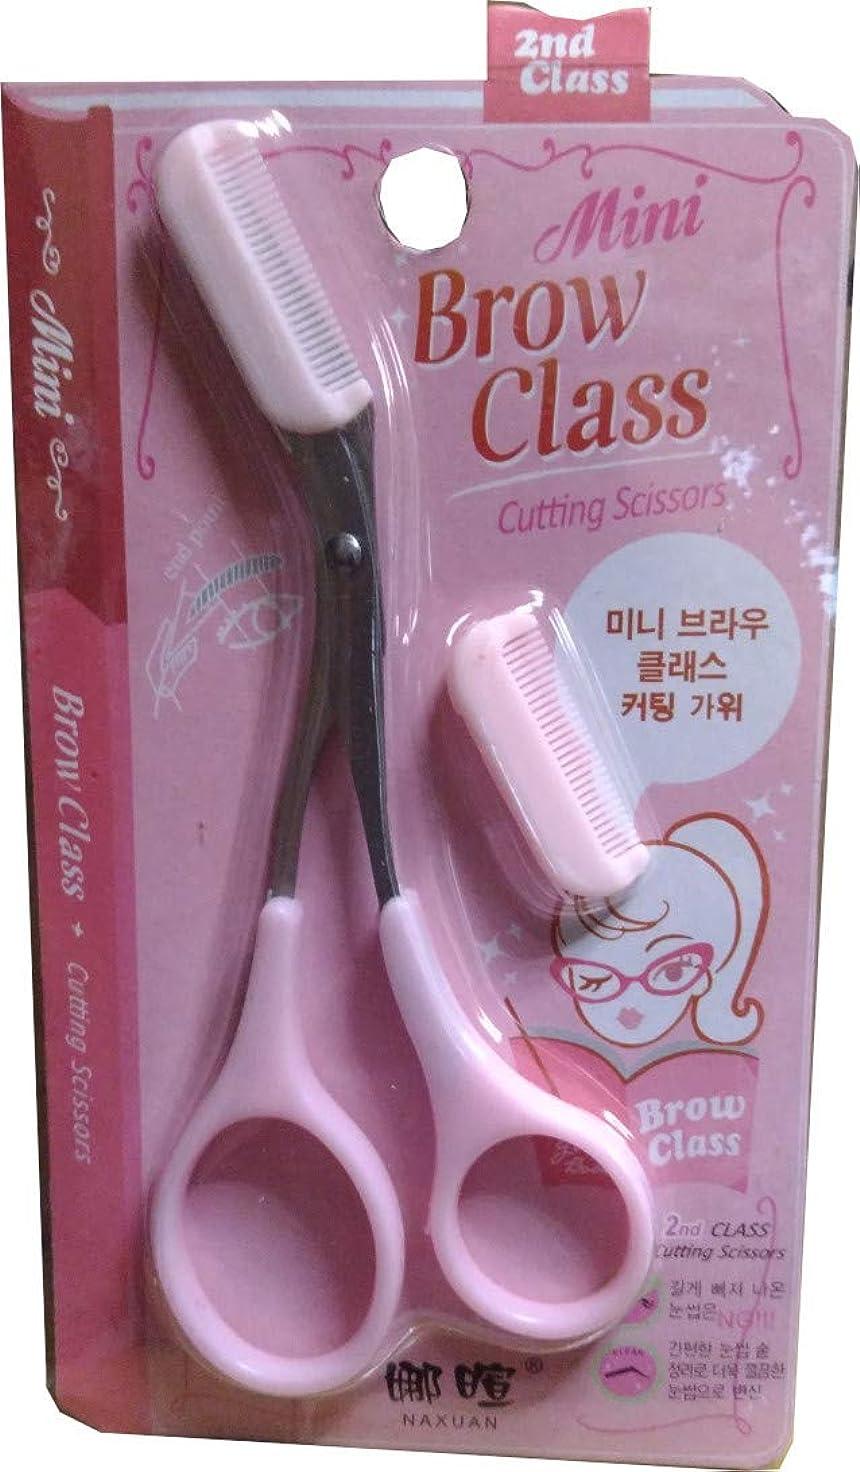 満足させる麻痺させる電気陽性眉用はさみ Mini Brow Class Cutting Scissors